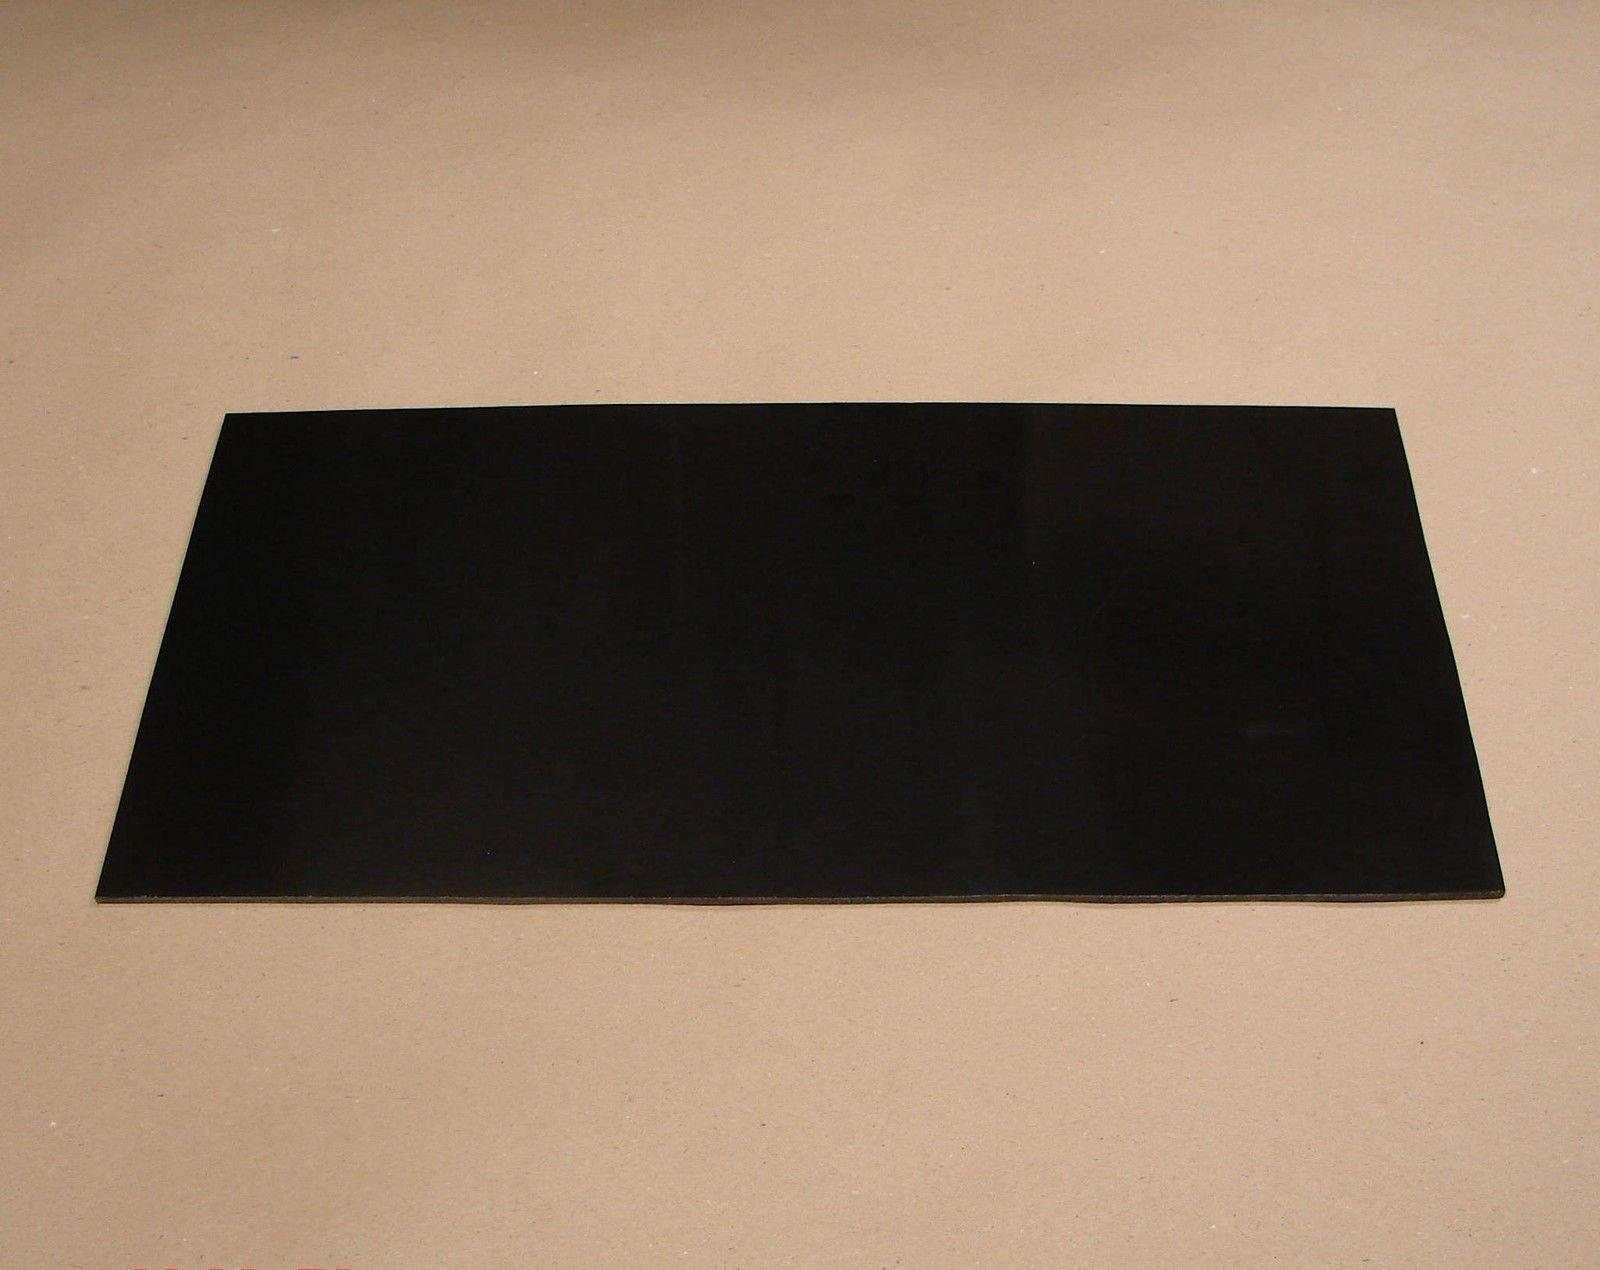 Hochwertige Glasfaserverbundplatte gfk / Ersatz für cfk / gfk karbon 3ad02a